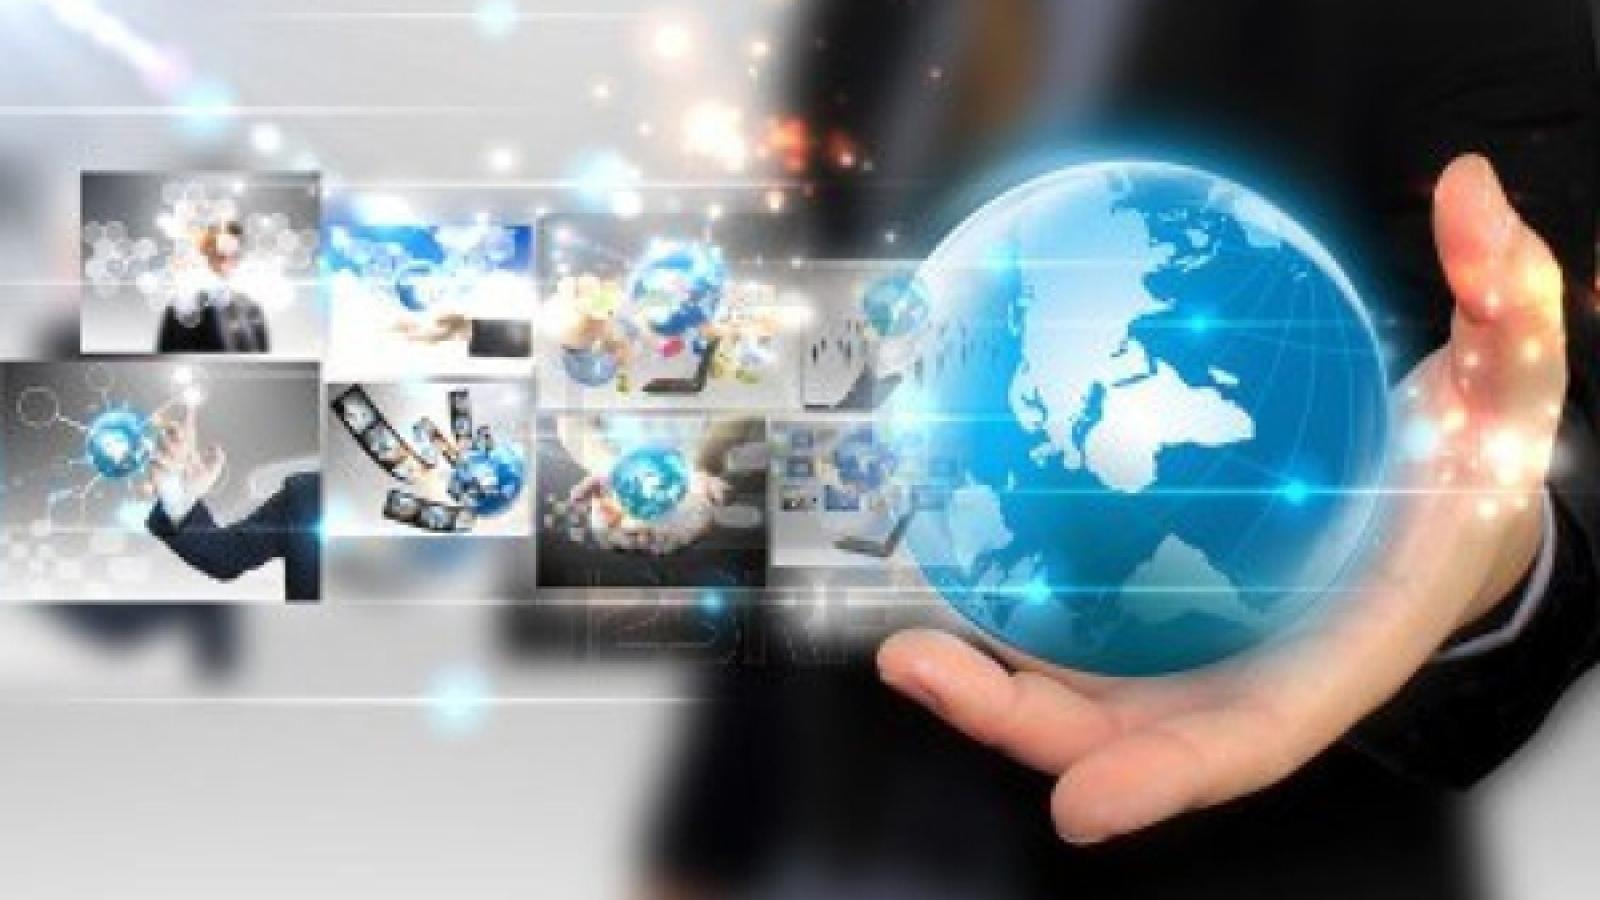 Xu hướng công nghệ đáng chú ý năm 2021